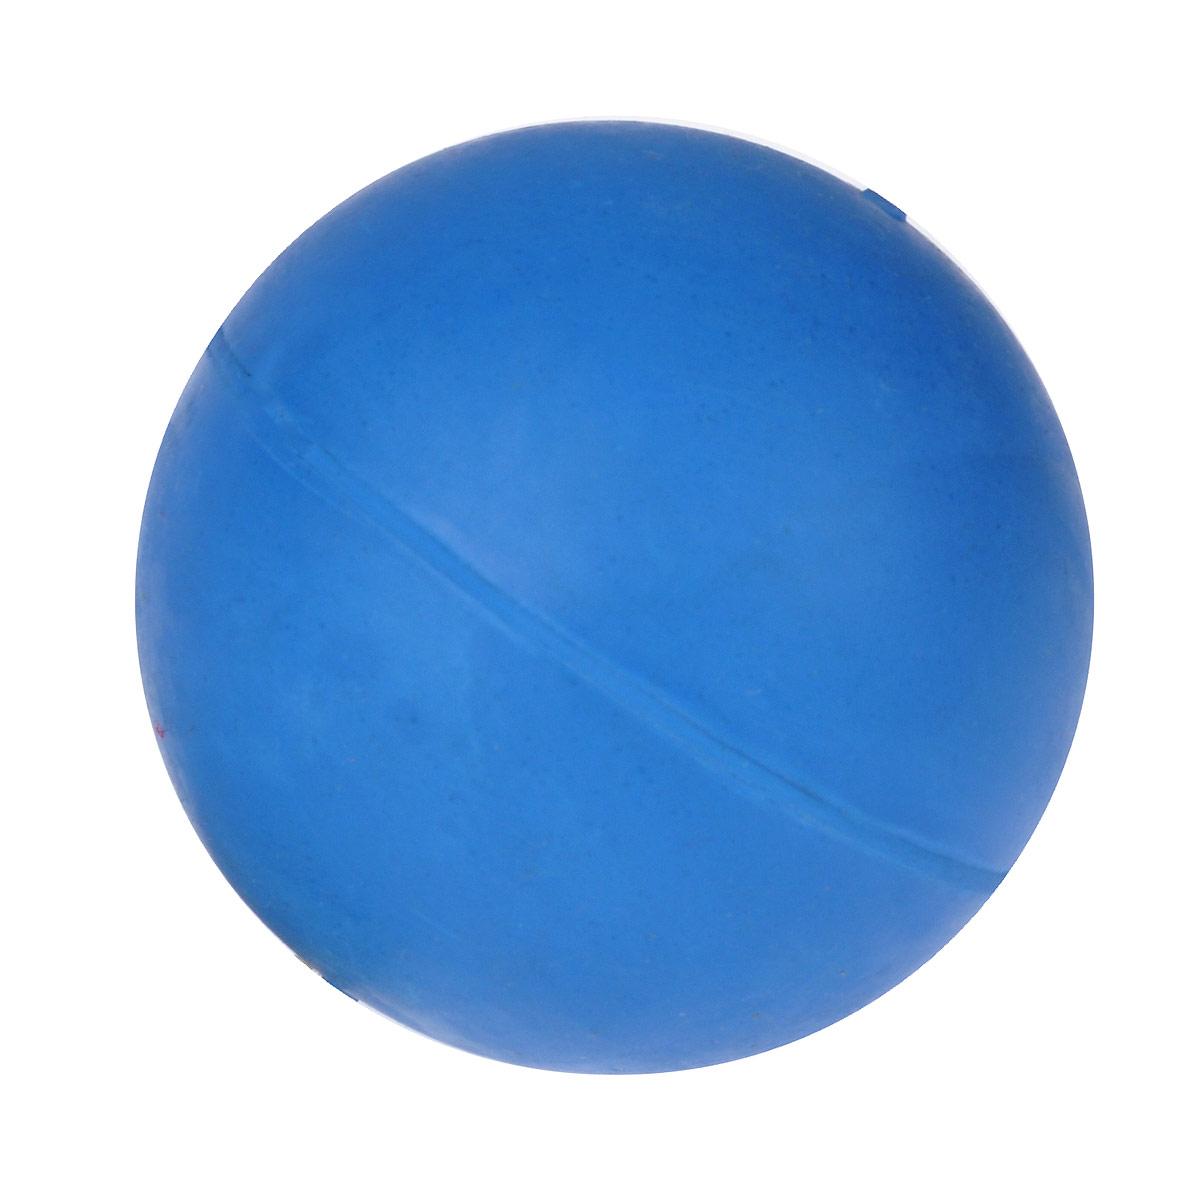 Игрушка для собак Beeztees Мяч, цвет: синий, диаметр 7,5 см625504Игрушка для собак Beeztees Мяч изготовлена из прочной цветной литой резины. Предназначена для игр с собакой любого возраста. Такая игрушка привлечет внимание вашего любимца и не оставит его равнодушным. Диаметр: 7,5 см.